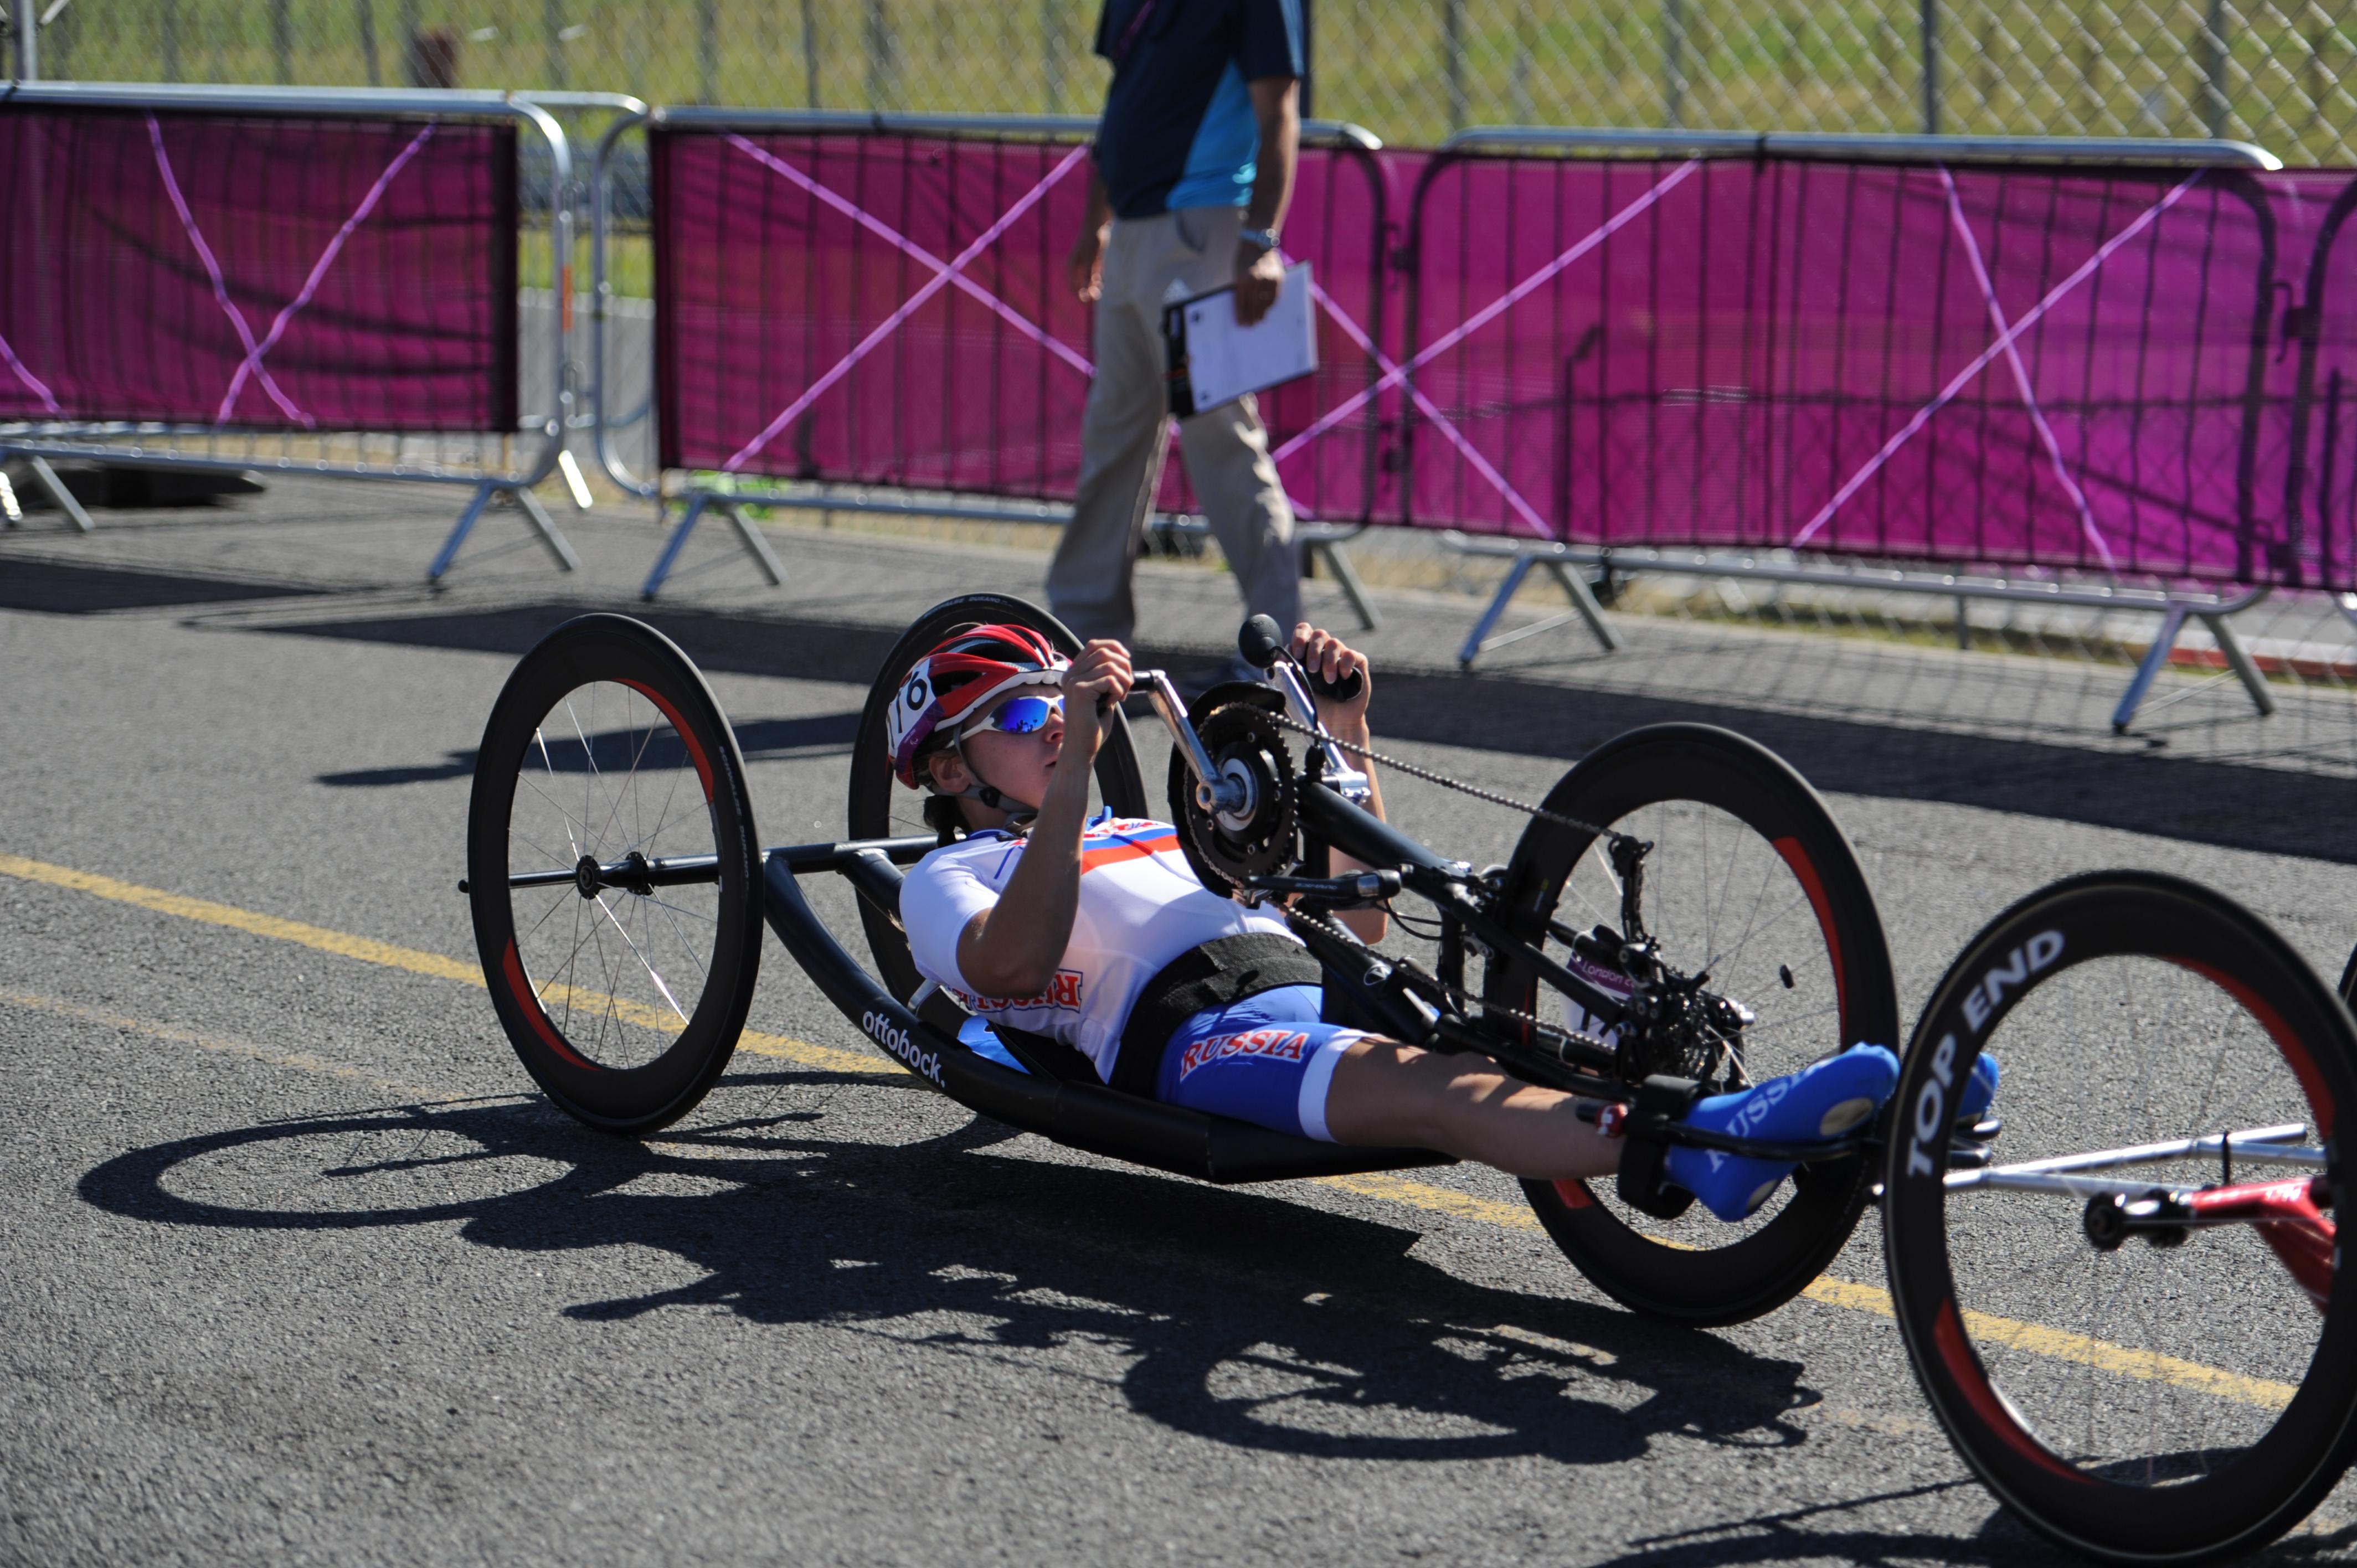 Паралимпийская сборная России по велоспорту завершает подготовку к чемпионату мира, который стартует 27 июля в Швейцарии